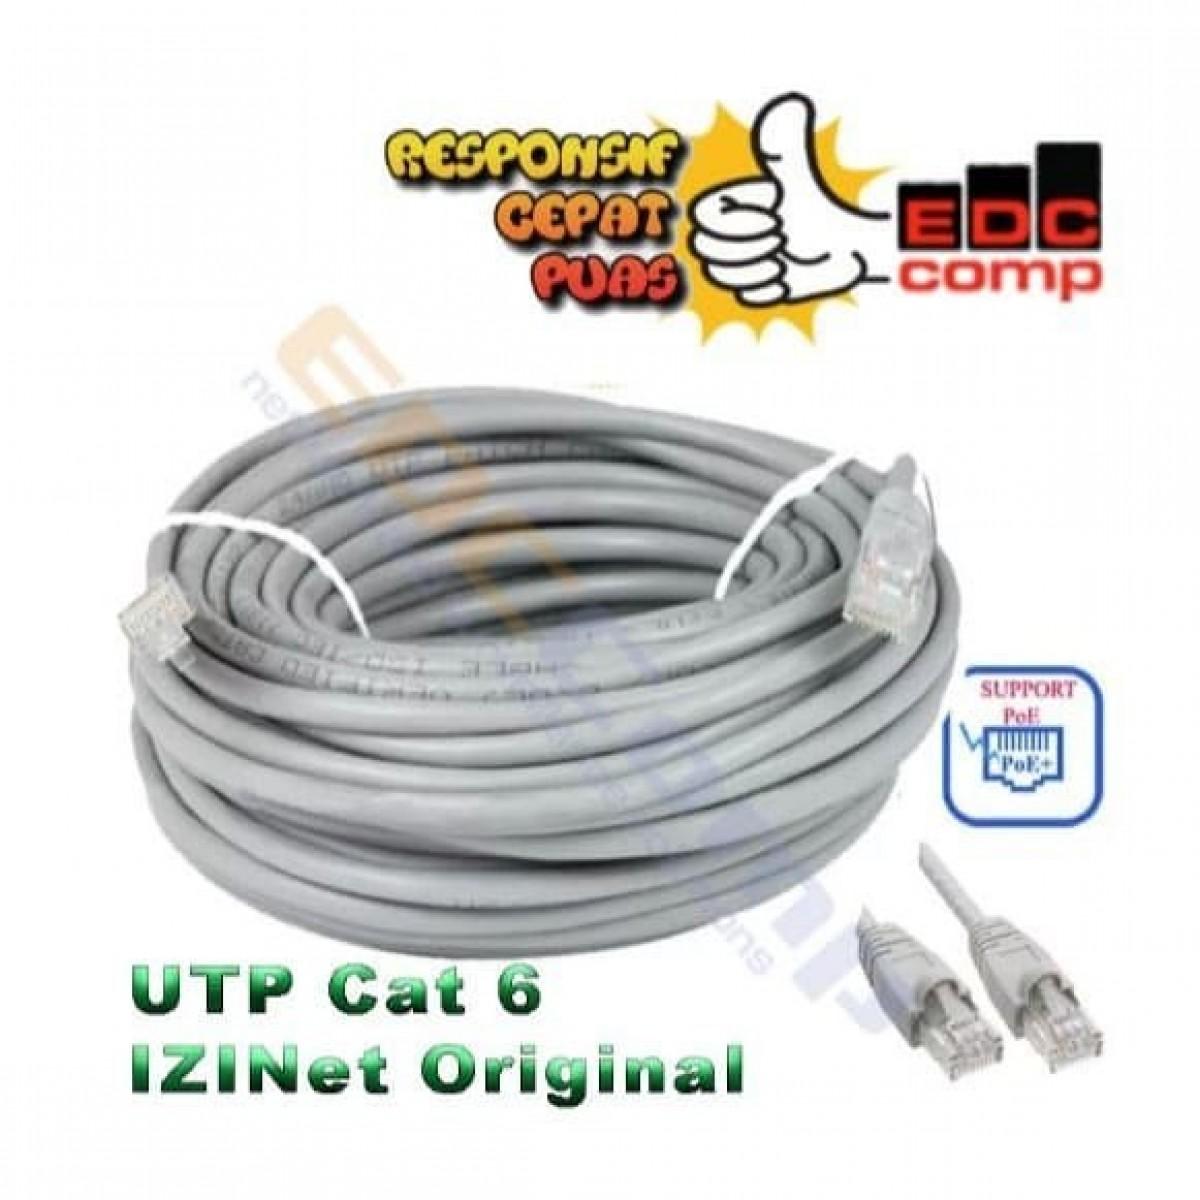 Kabel IZINET UTP Cat6 / Cable Izinet Cat6 70 Meter - EdcComp